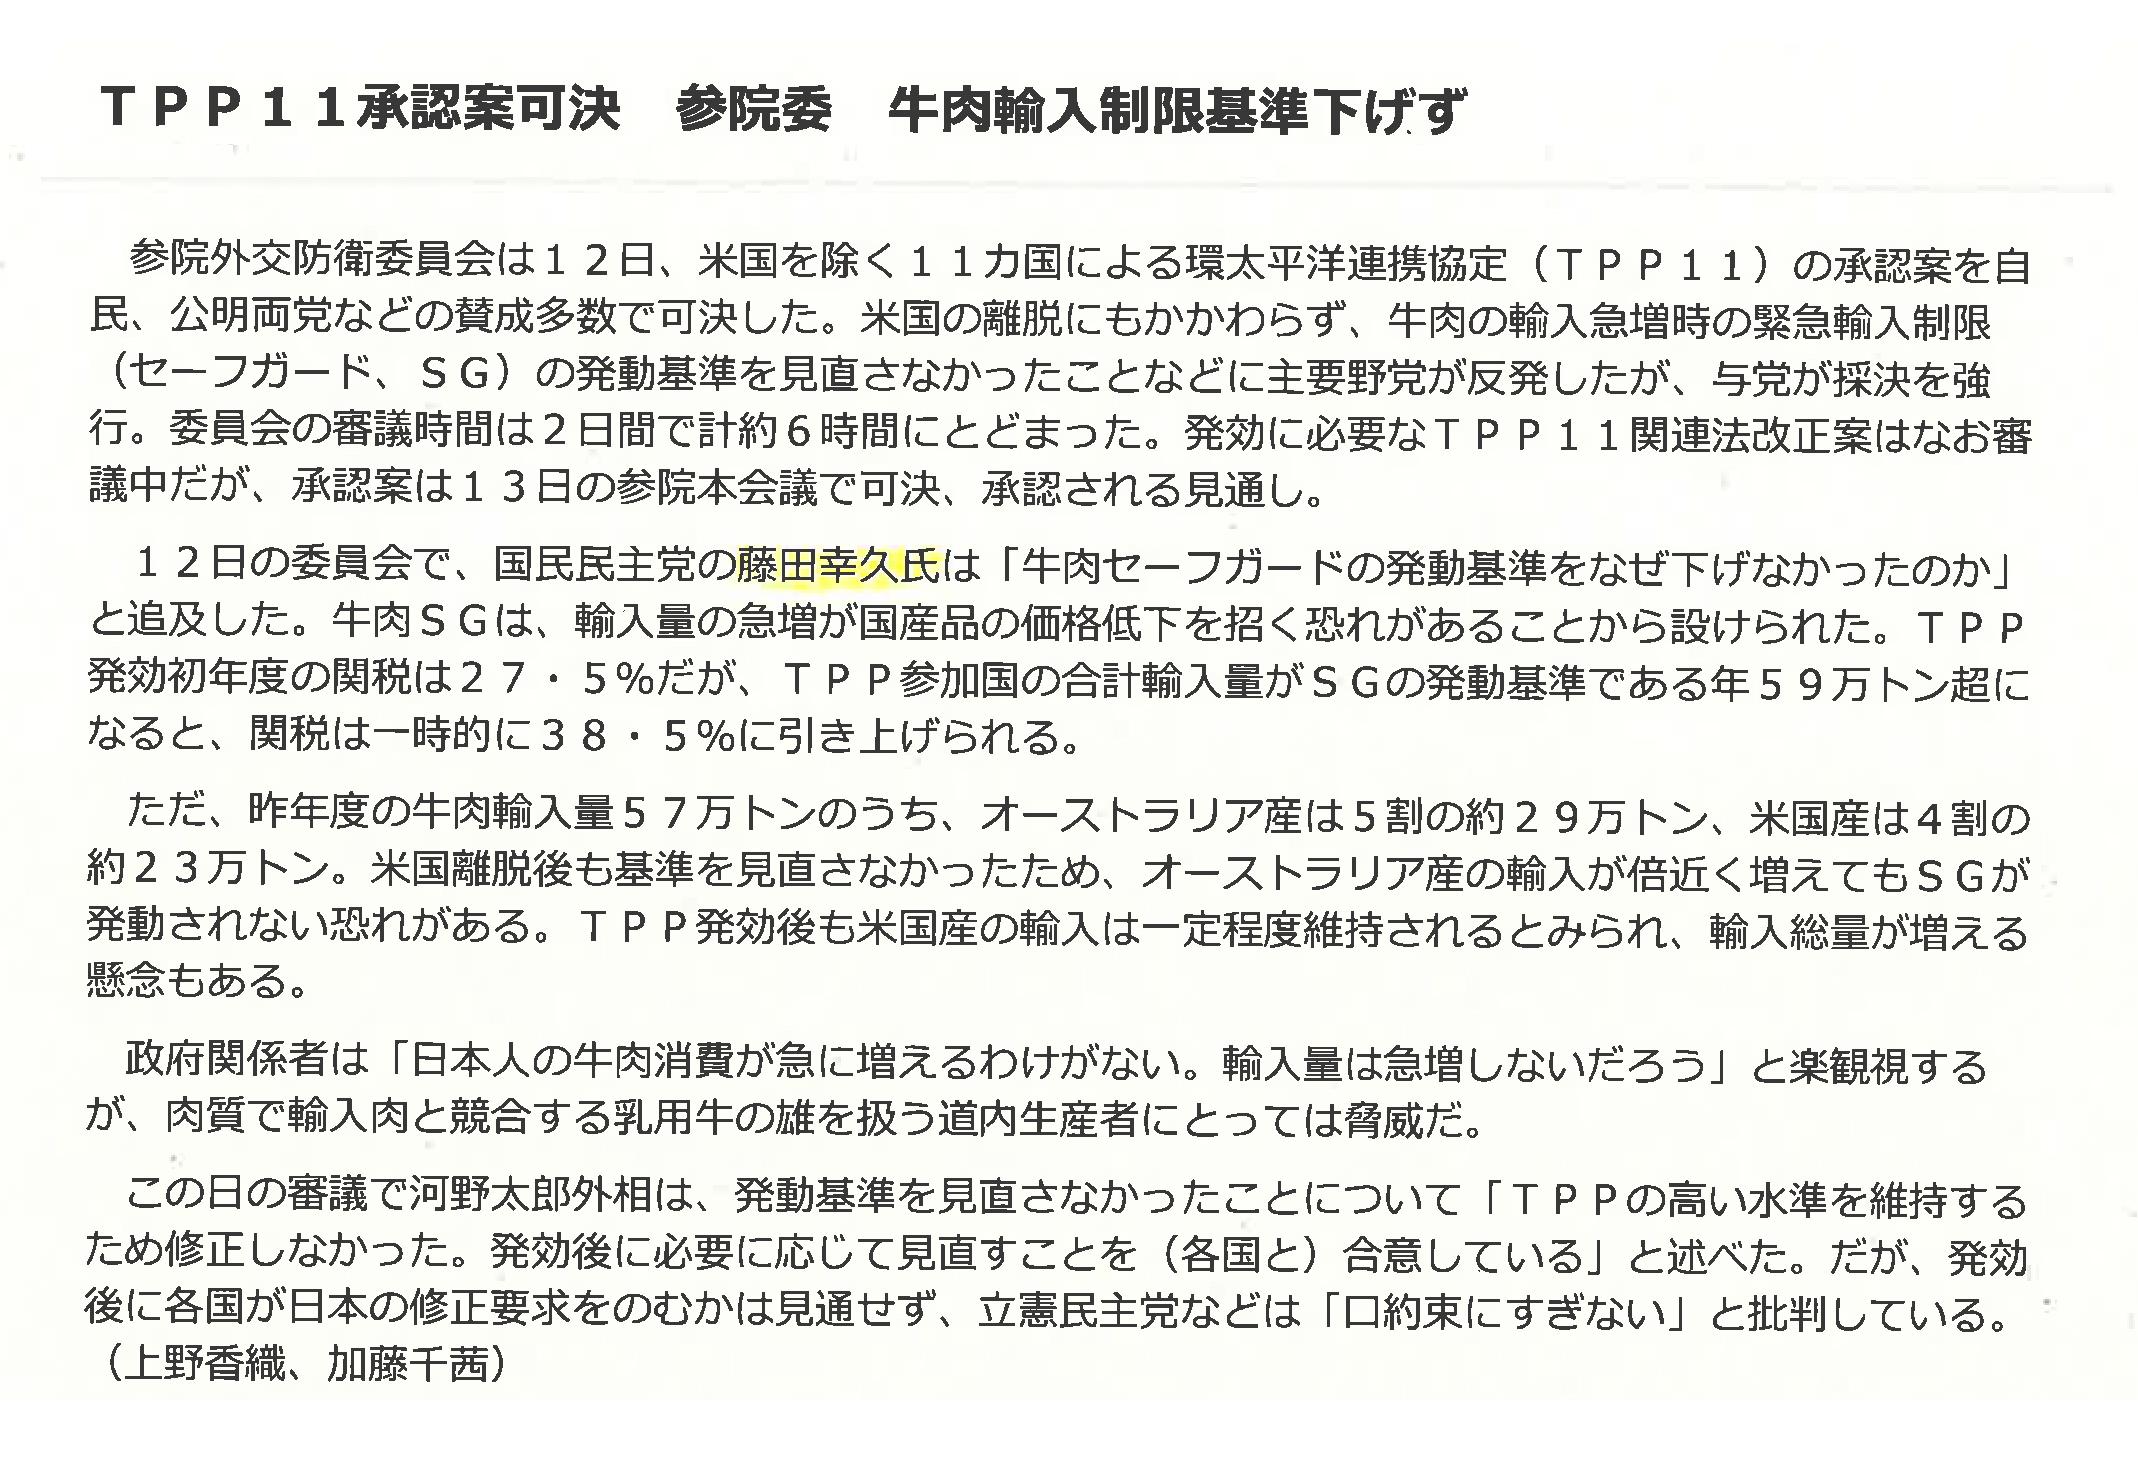 【北海道新聞速報】TPP11承認案可決 参院委 牛肉輸入制限基準下げず